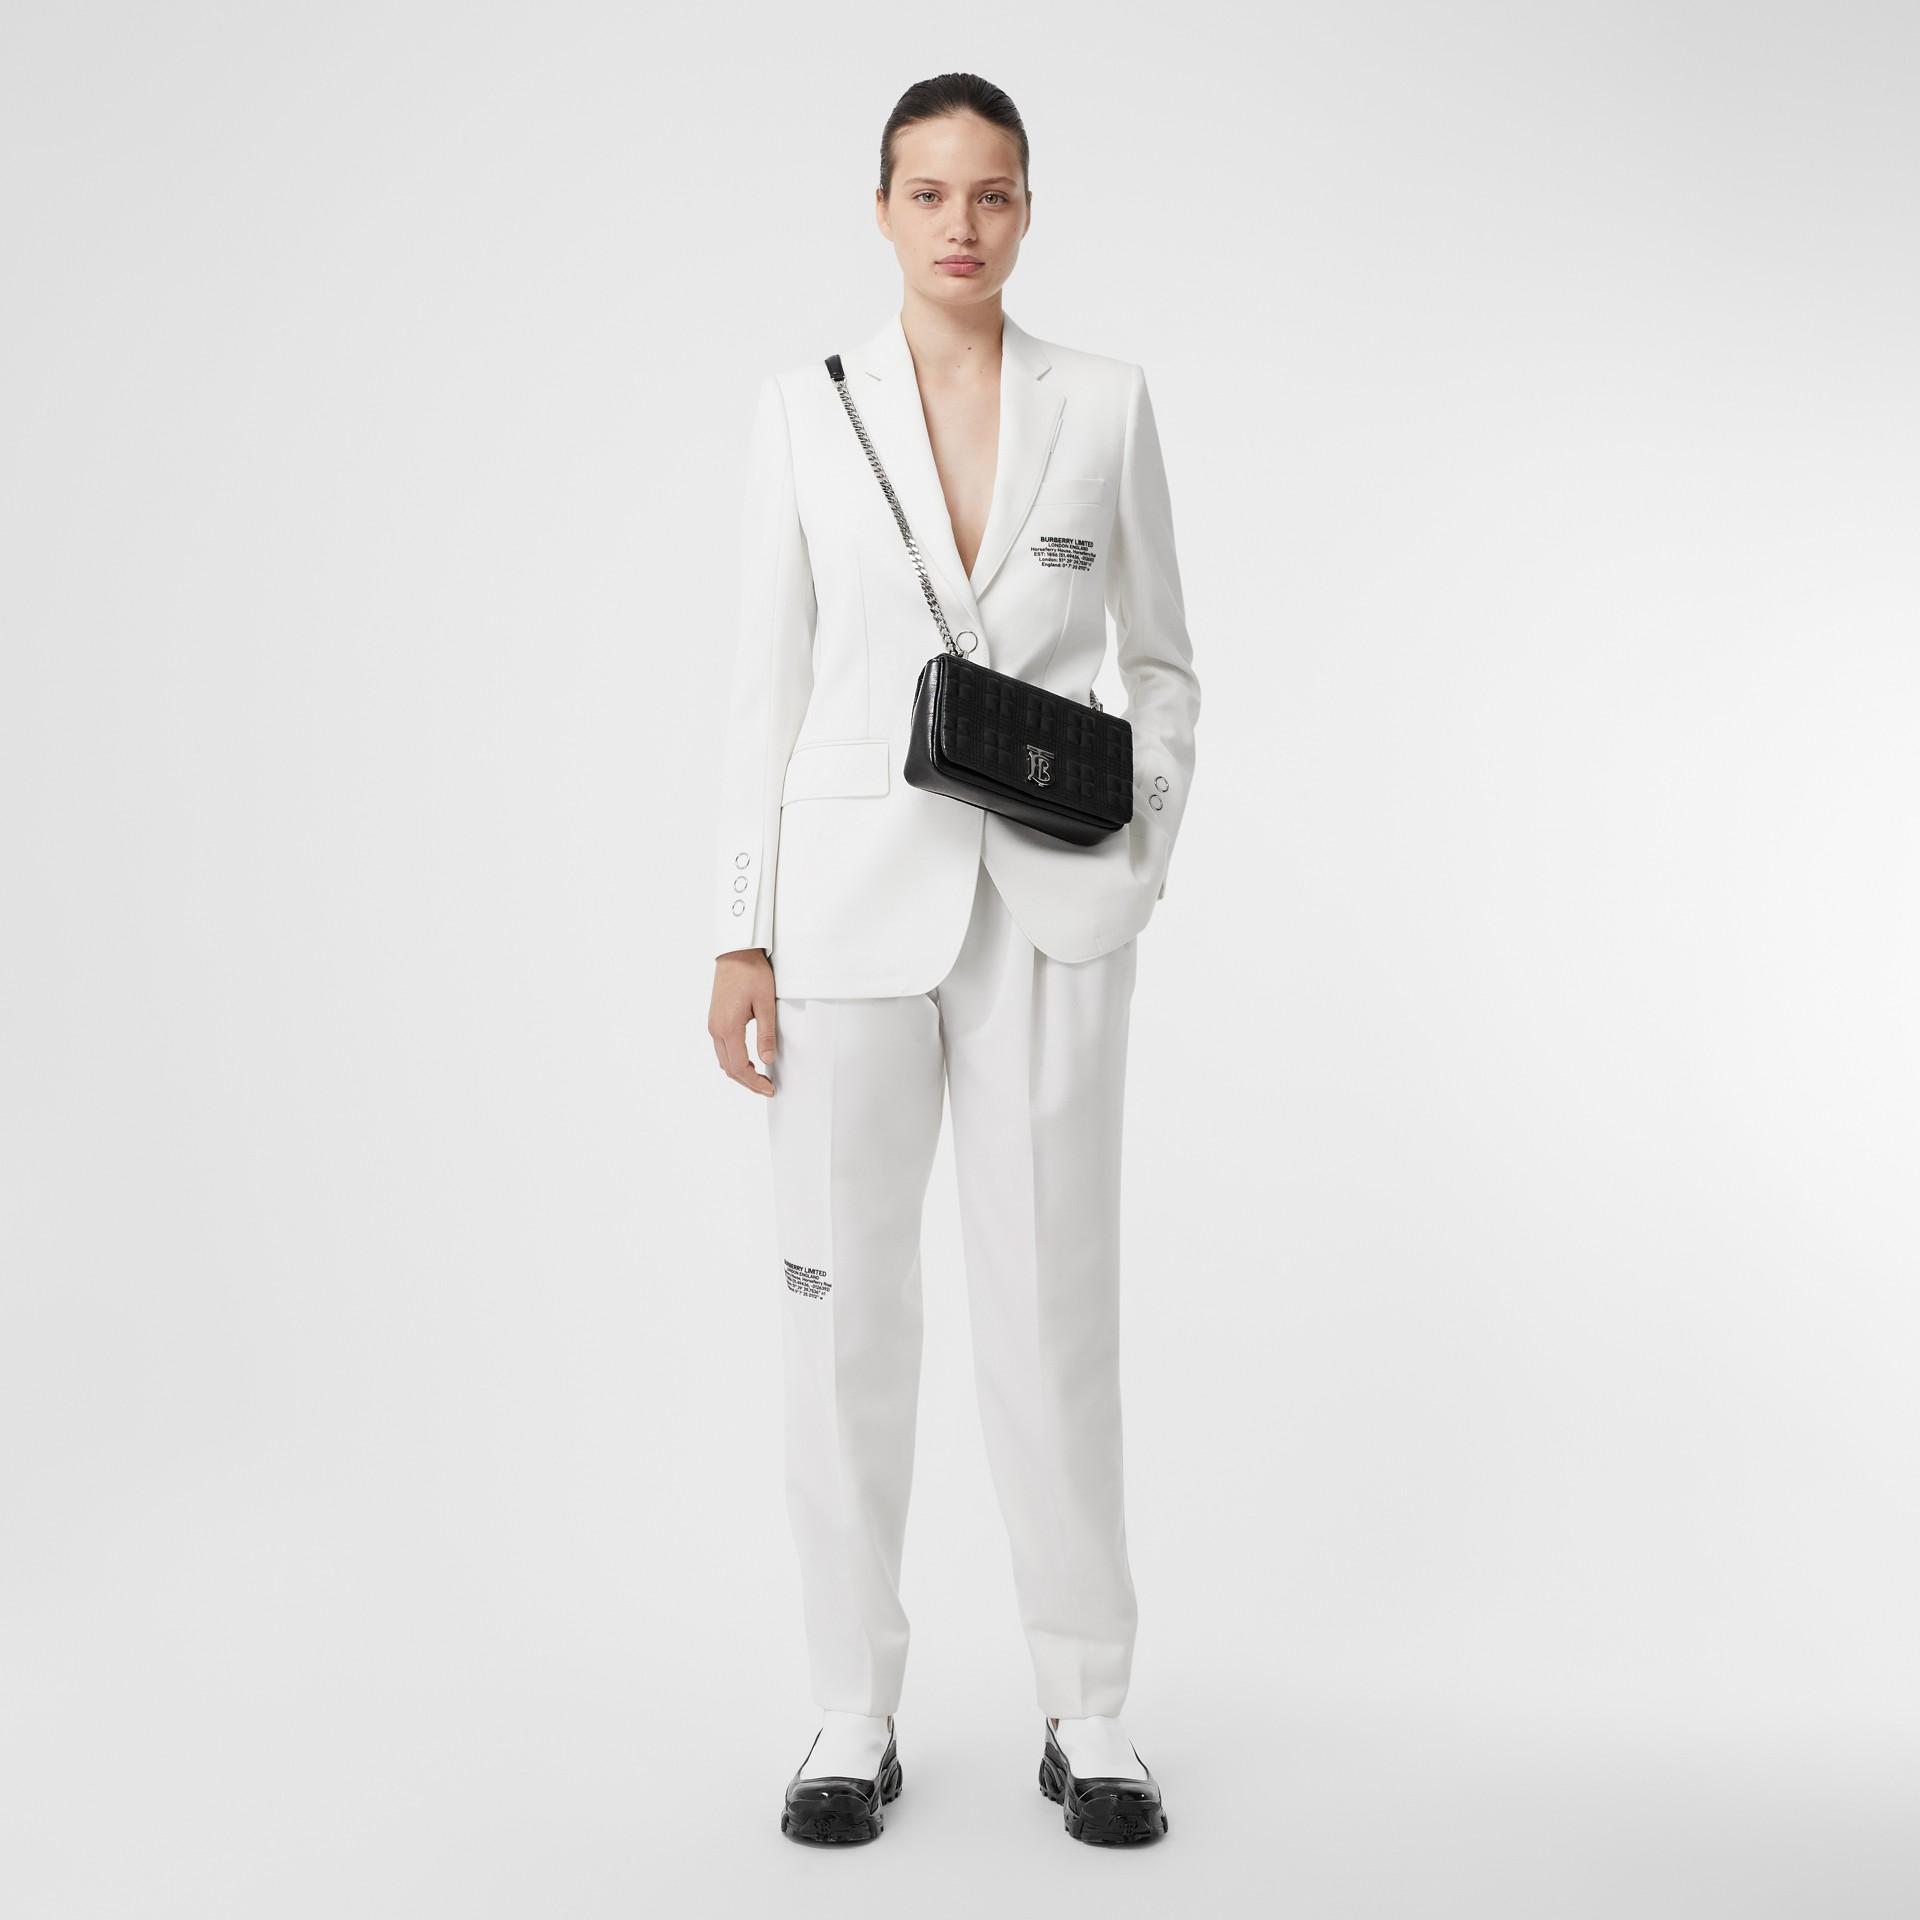 Bolsa Lola acolchoada em couro granulado - Pequena (Preto) | Burberry - galeria de imagens 6